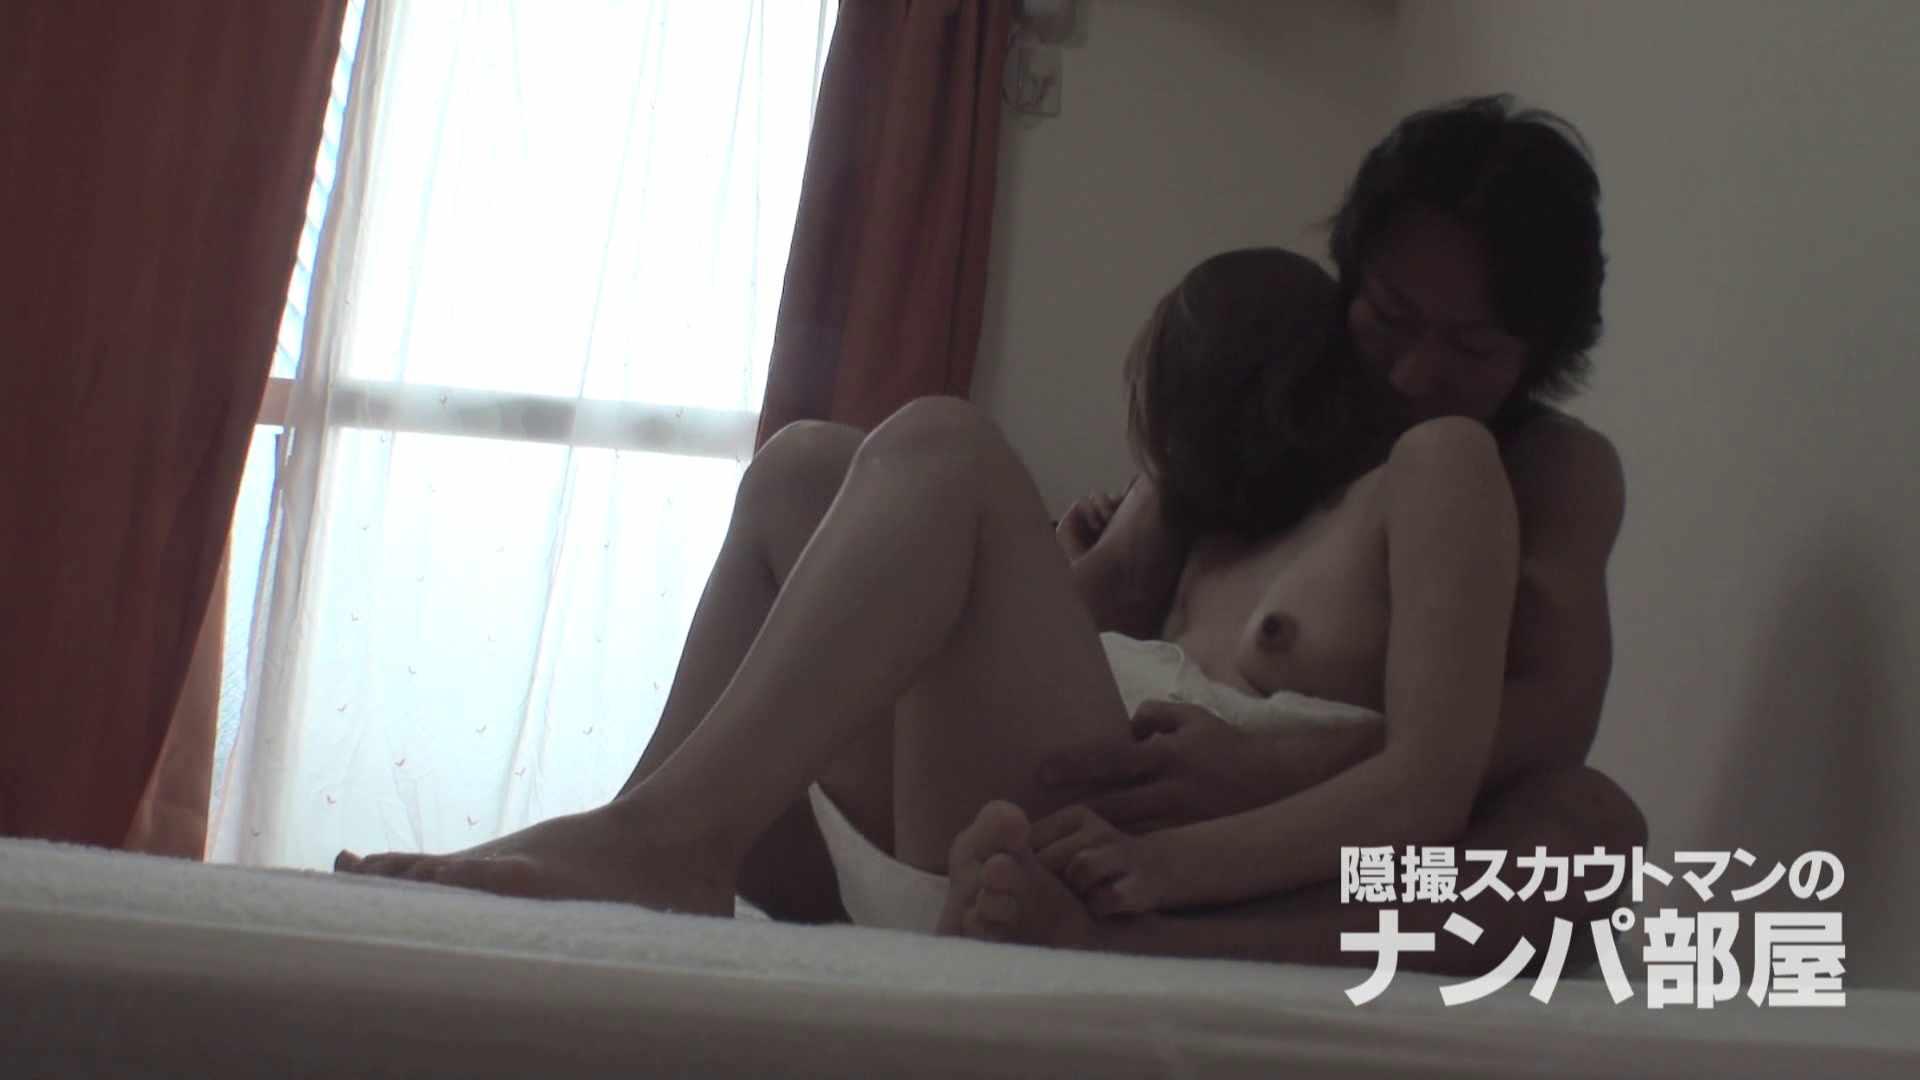 隠撮スカウトマンのナンパ部屋~風俗デビュー前のつまみ食い~ sii 隠撮   脱衣所  67pic 50